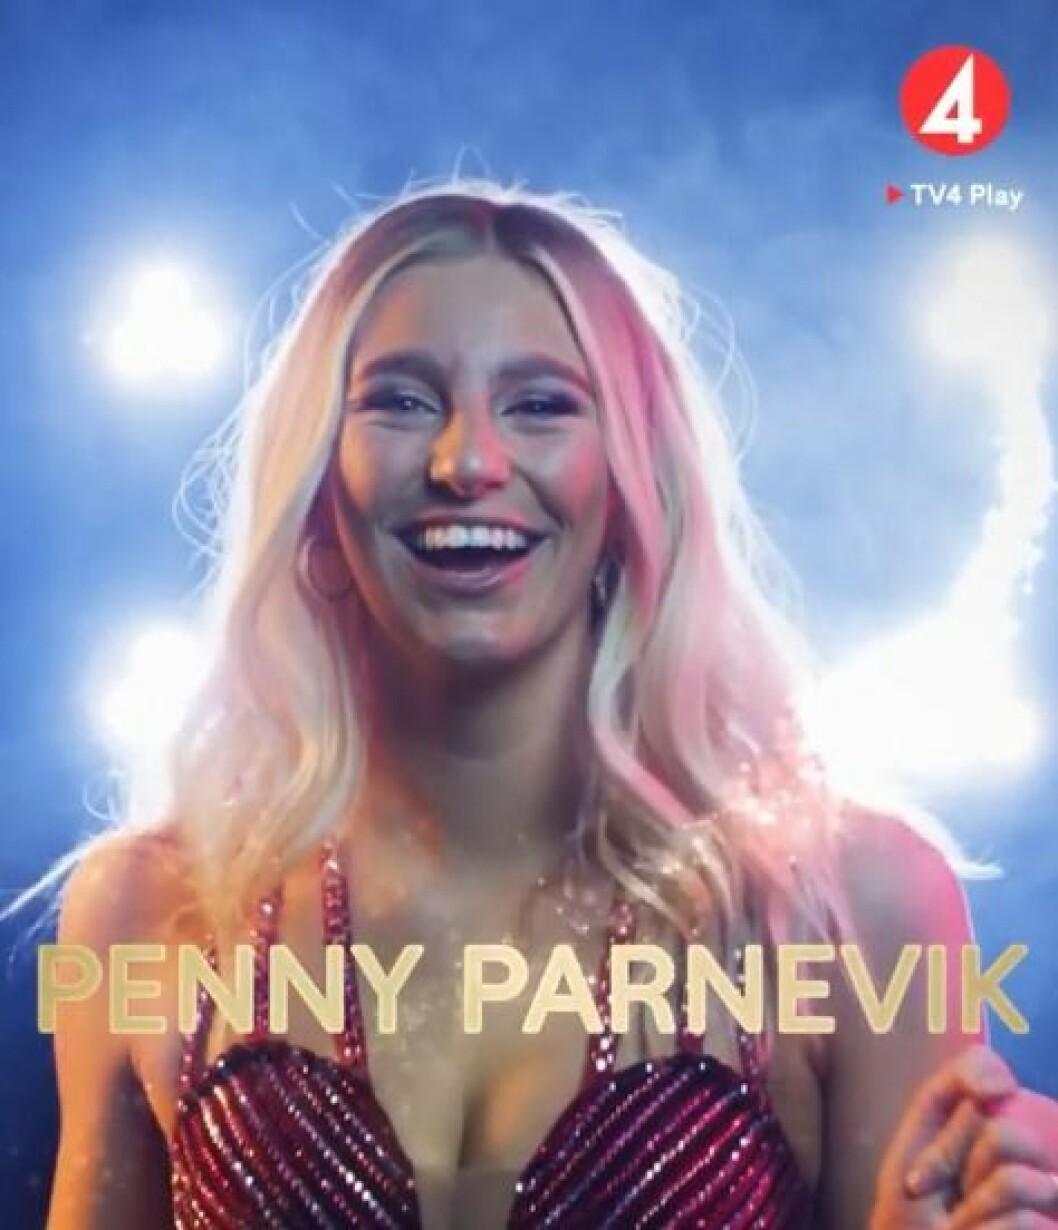 Penny Parnevik är en av deltagarna i Let's dance 2020